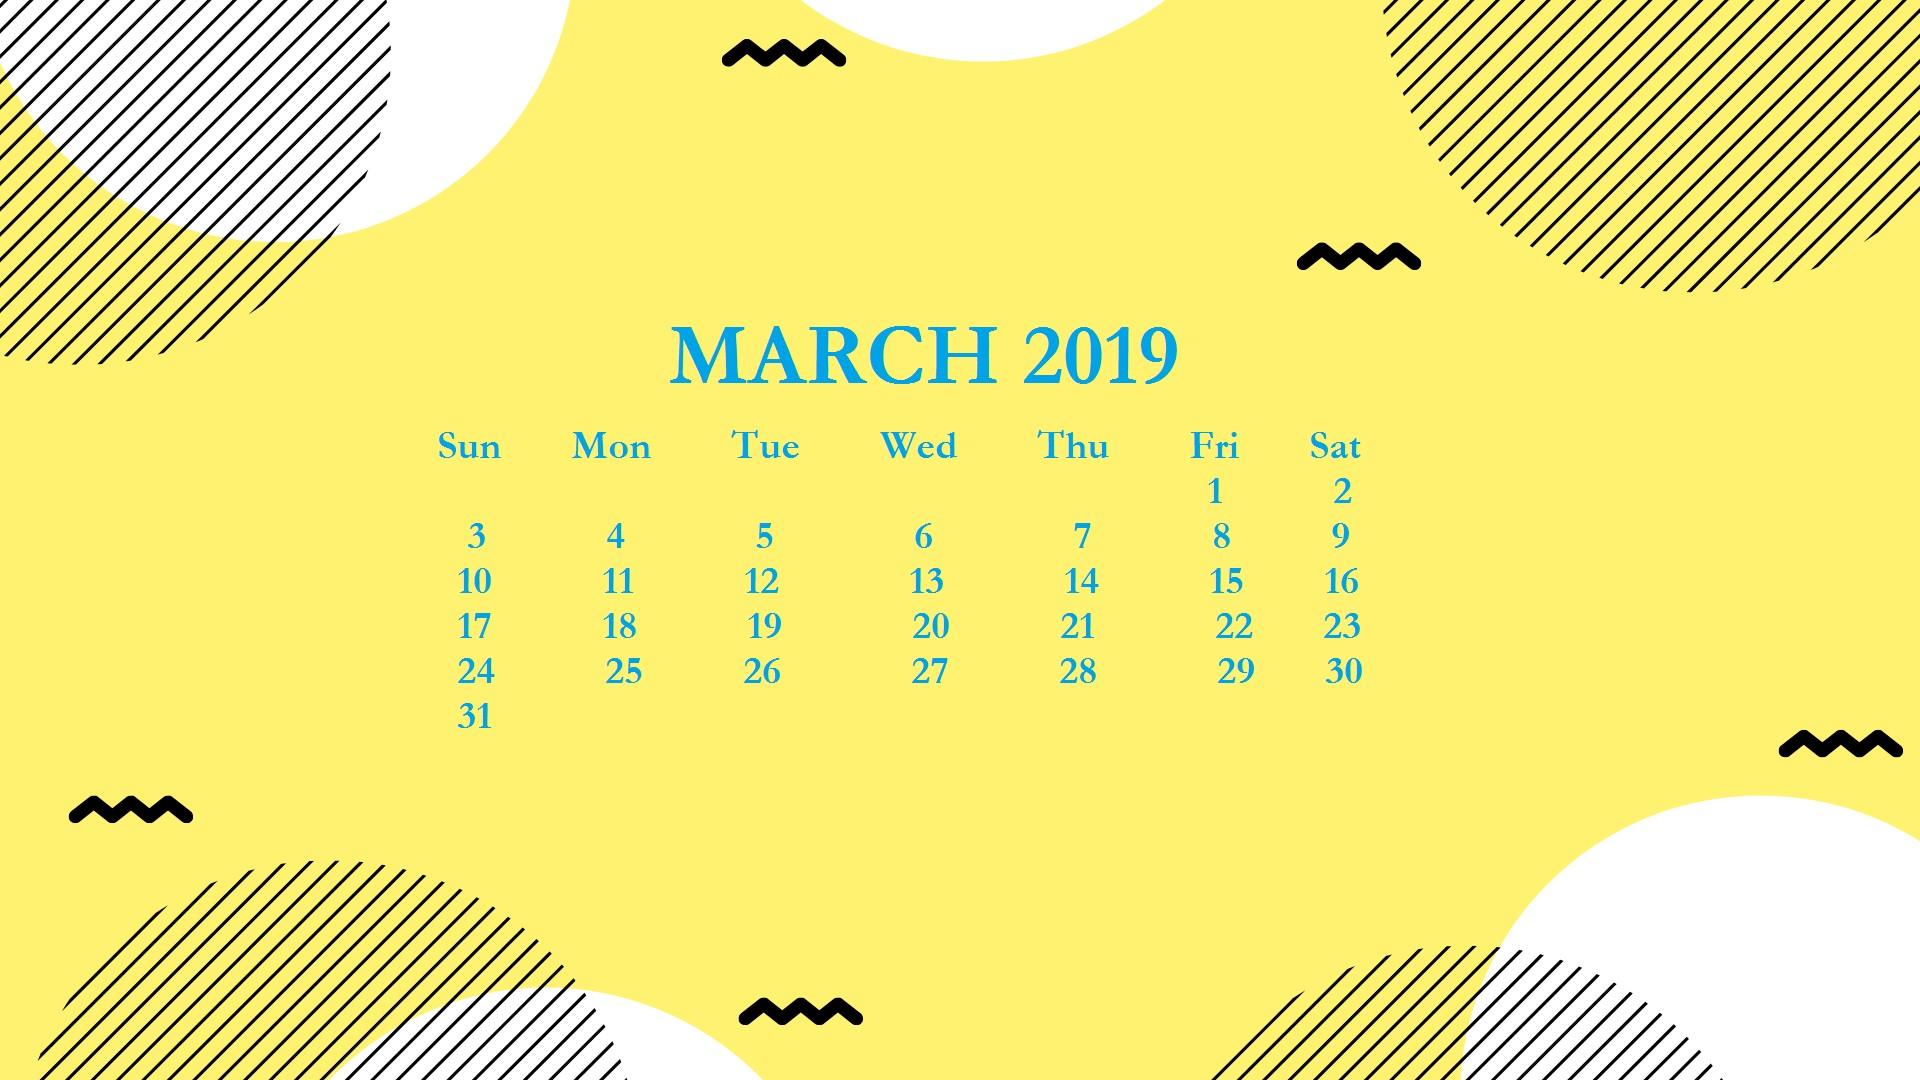 March Calendar Canada Más Recientemente Liberado Free March 2019 Hd Calendar Wallpaper Of March Calendar Canada Más Recientes Flowers March 2019 Desktop Calendar March March2019